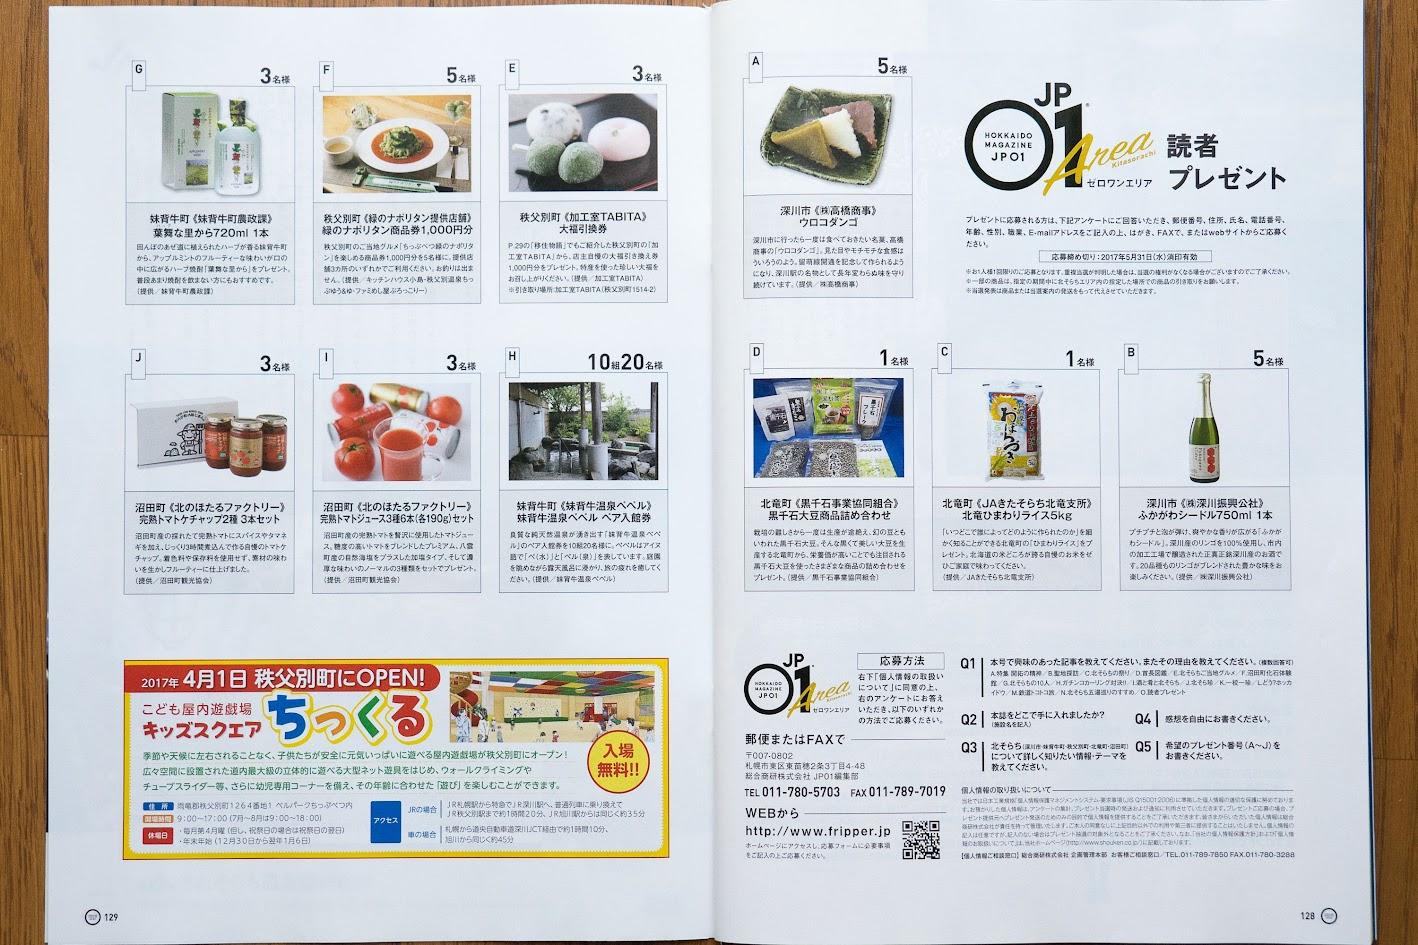 読者プレゼント:北竜町・北竜ひまわりライス5kg&黒千石大豆商品詰め合わせ